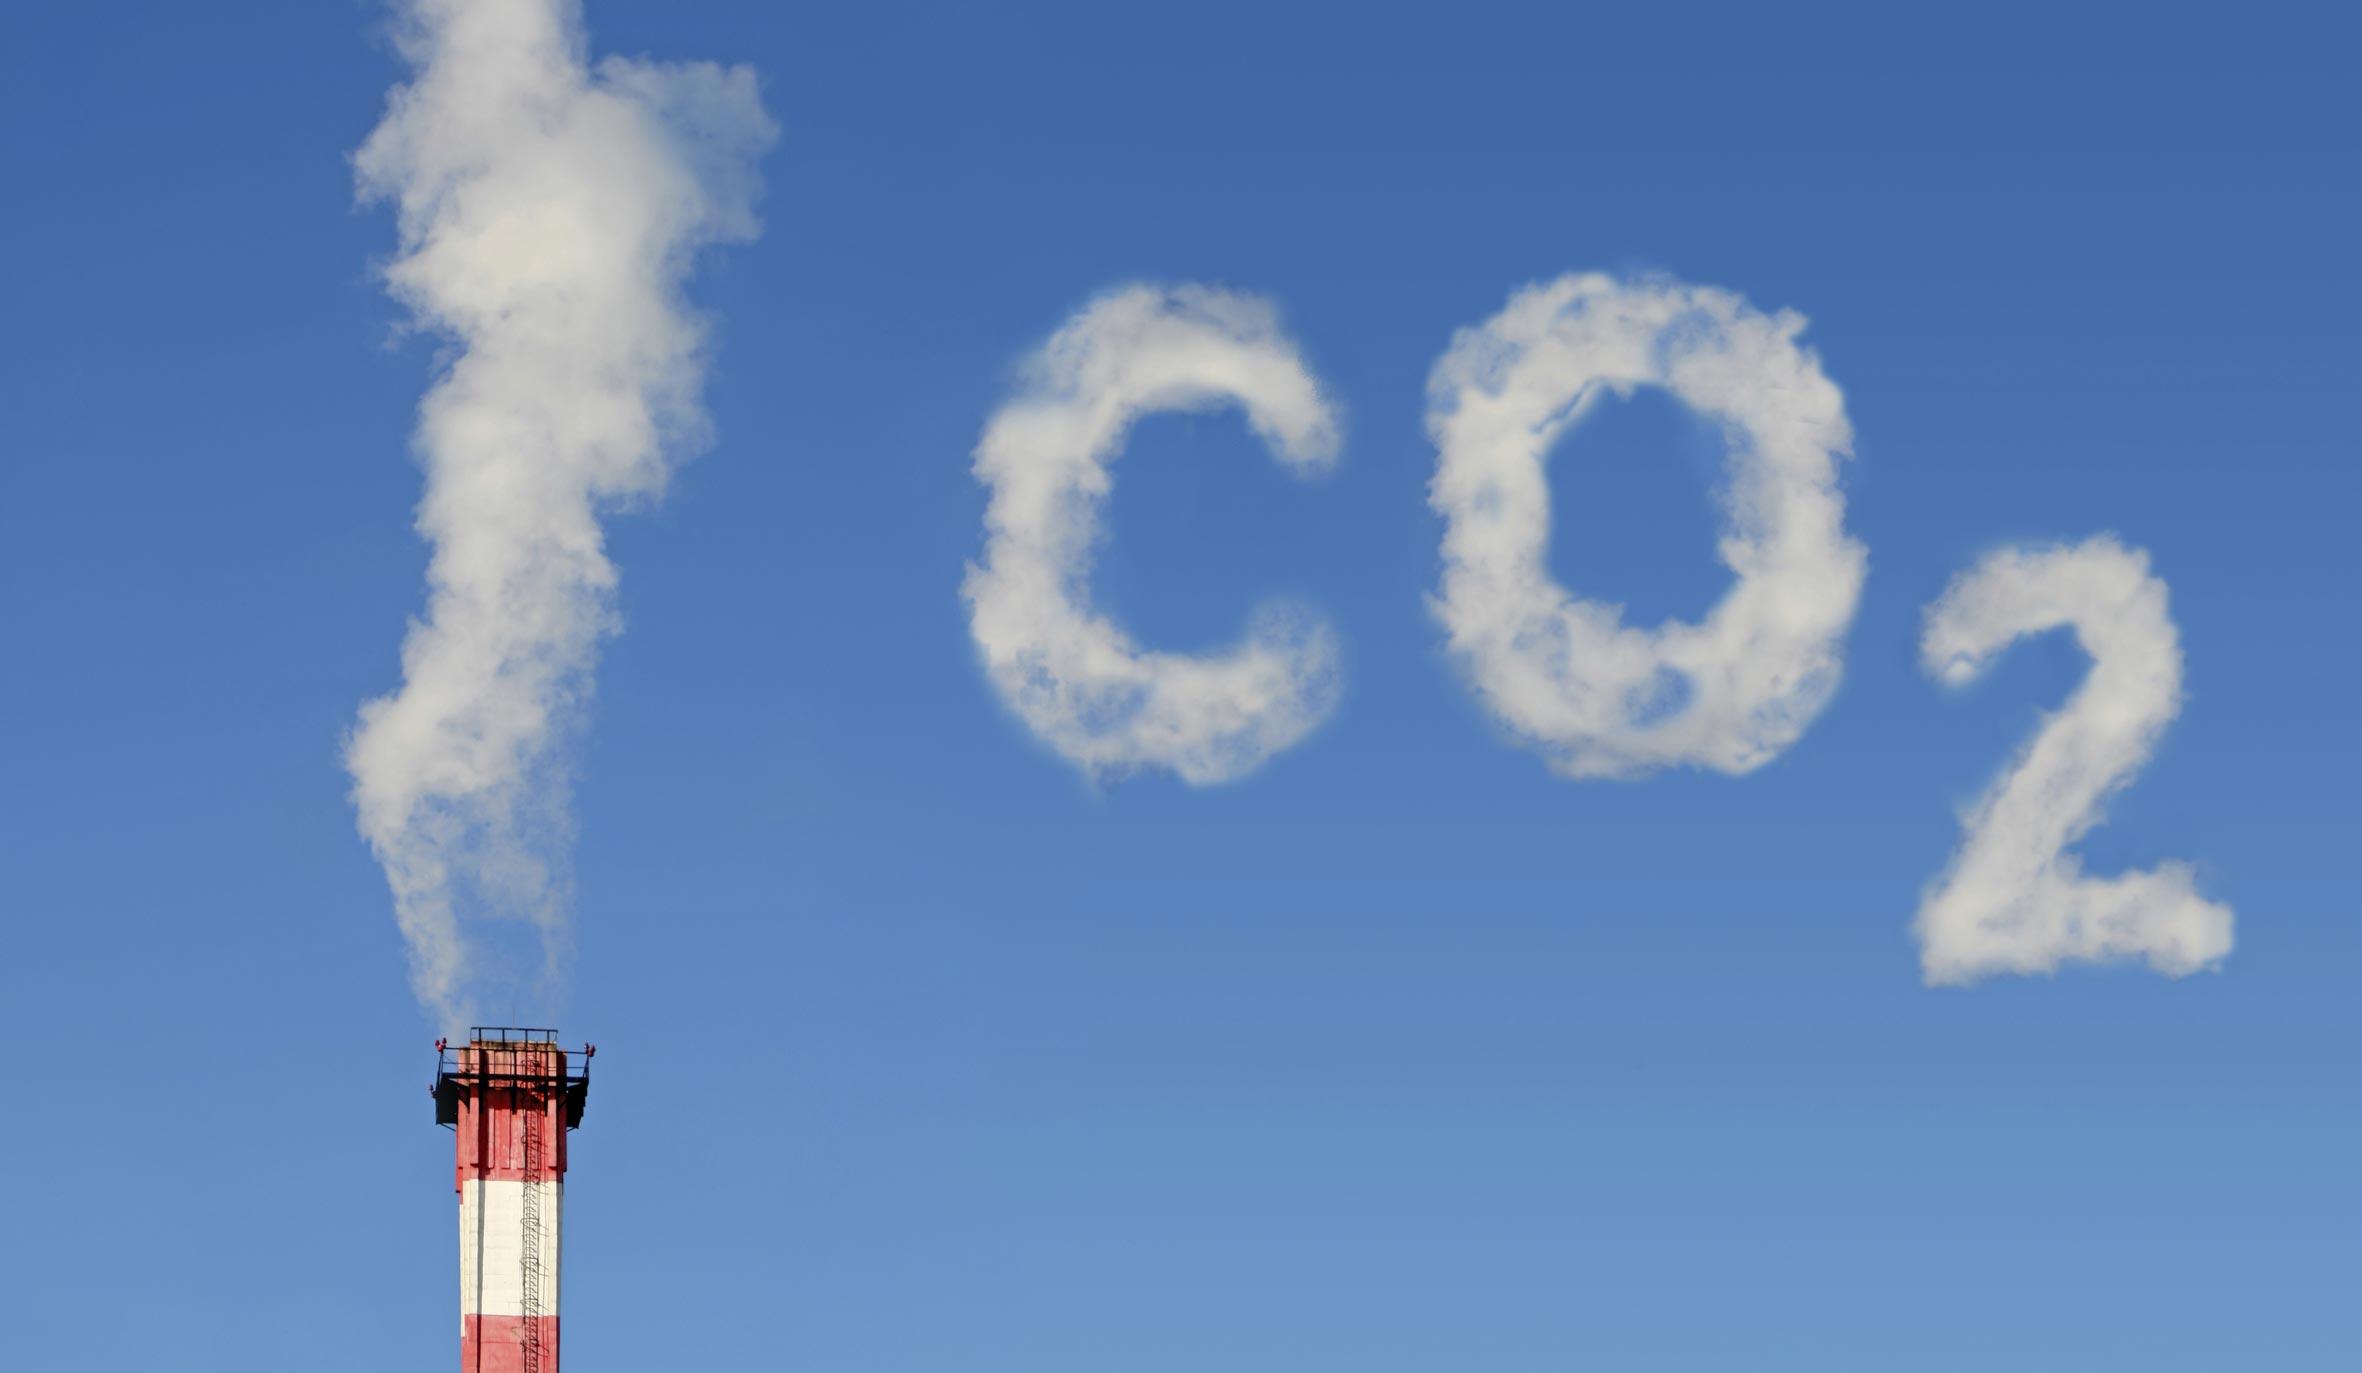 Les principaux investisseurs institutionnels du monde lancent un appel pour la tarification du carbone